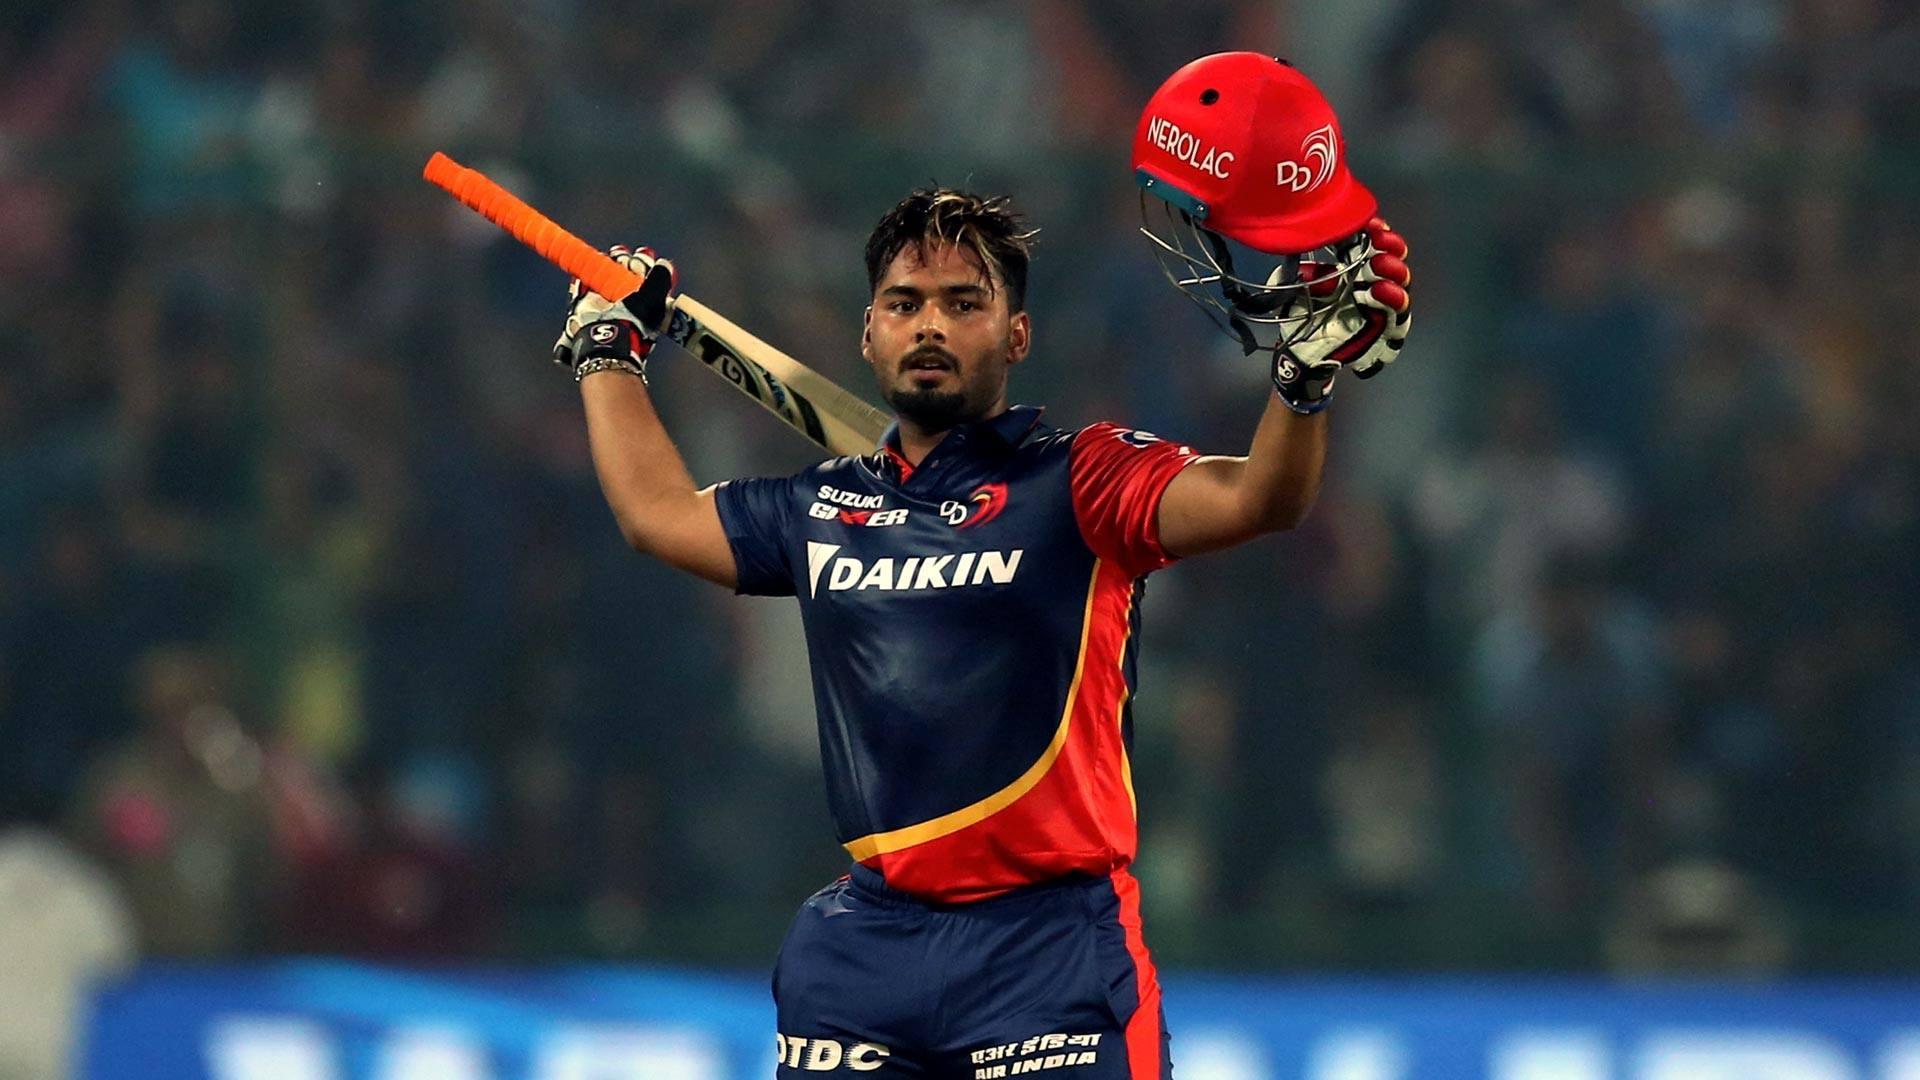 Rishabh Pant Playing for Delhi